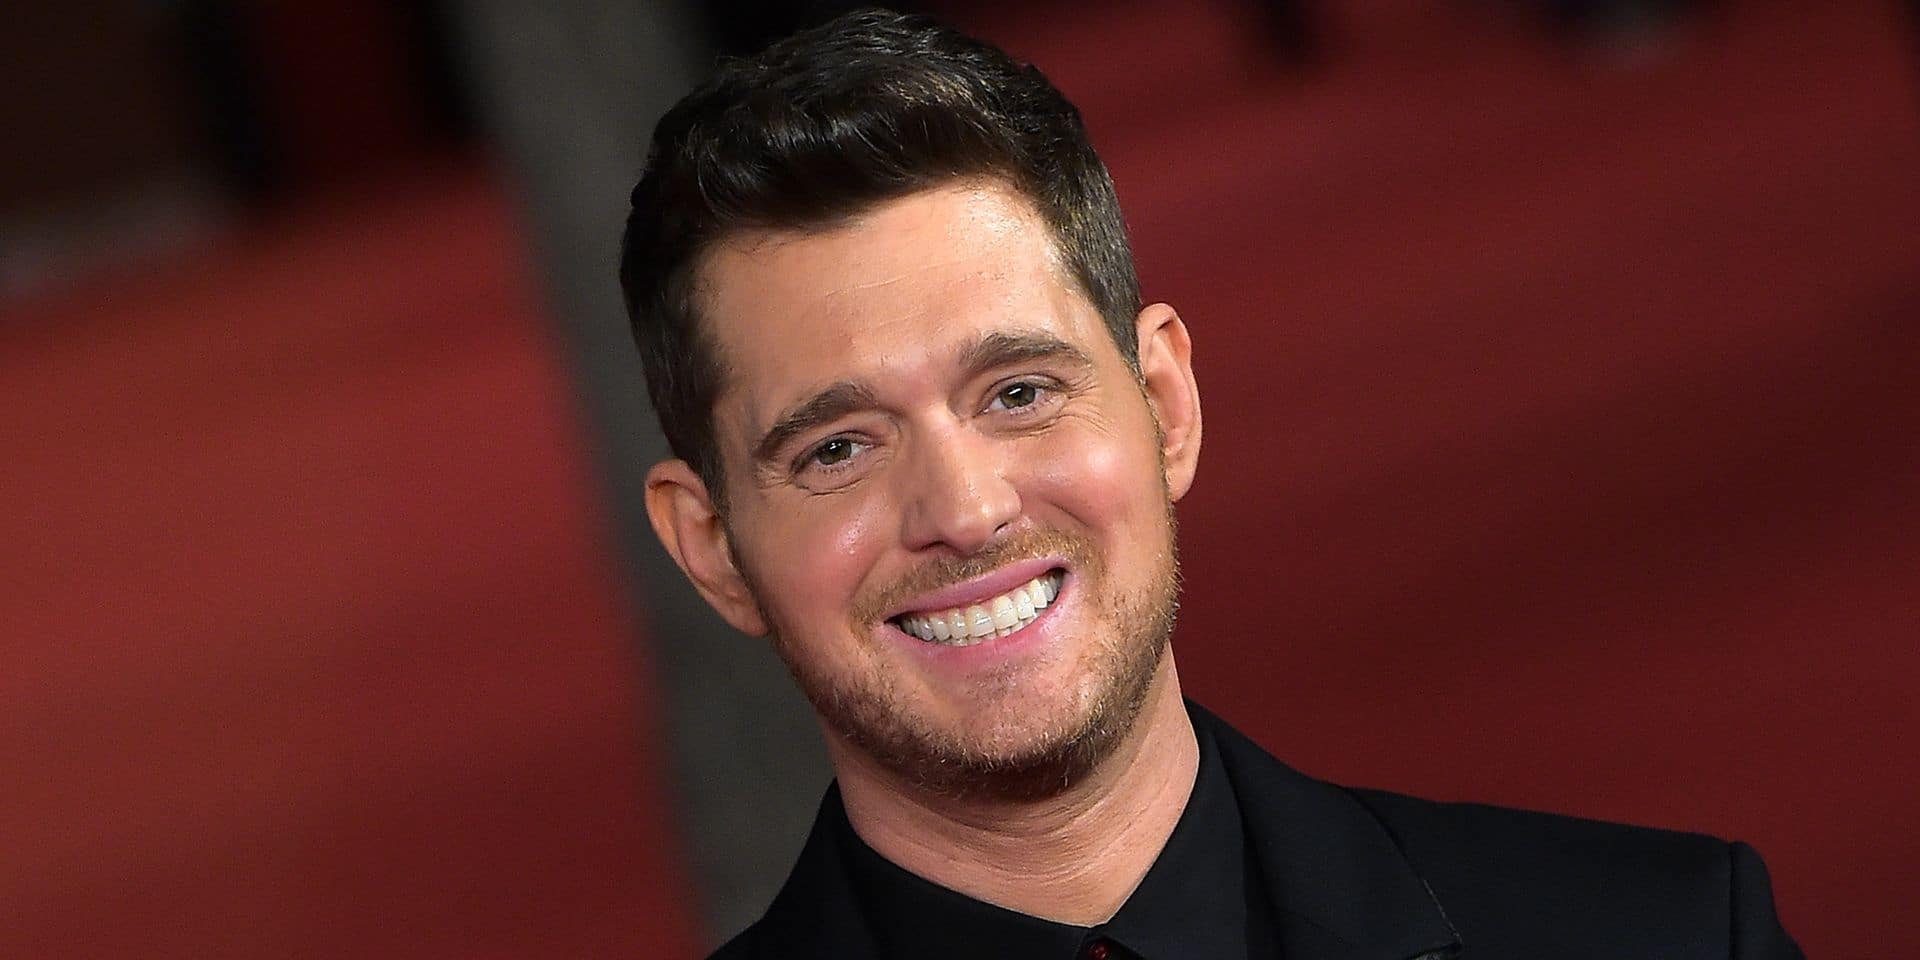 Mauvaise blague pour Michael Bublé: des testicules en gros plan sur son compte Instagram